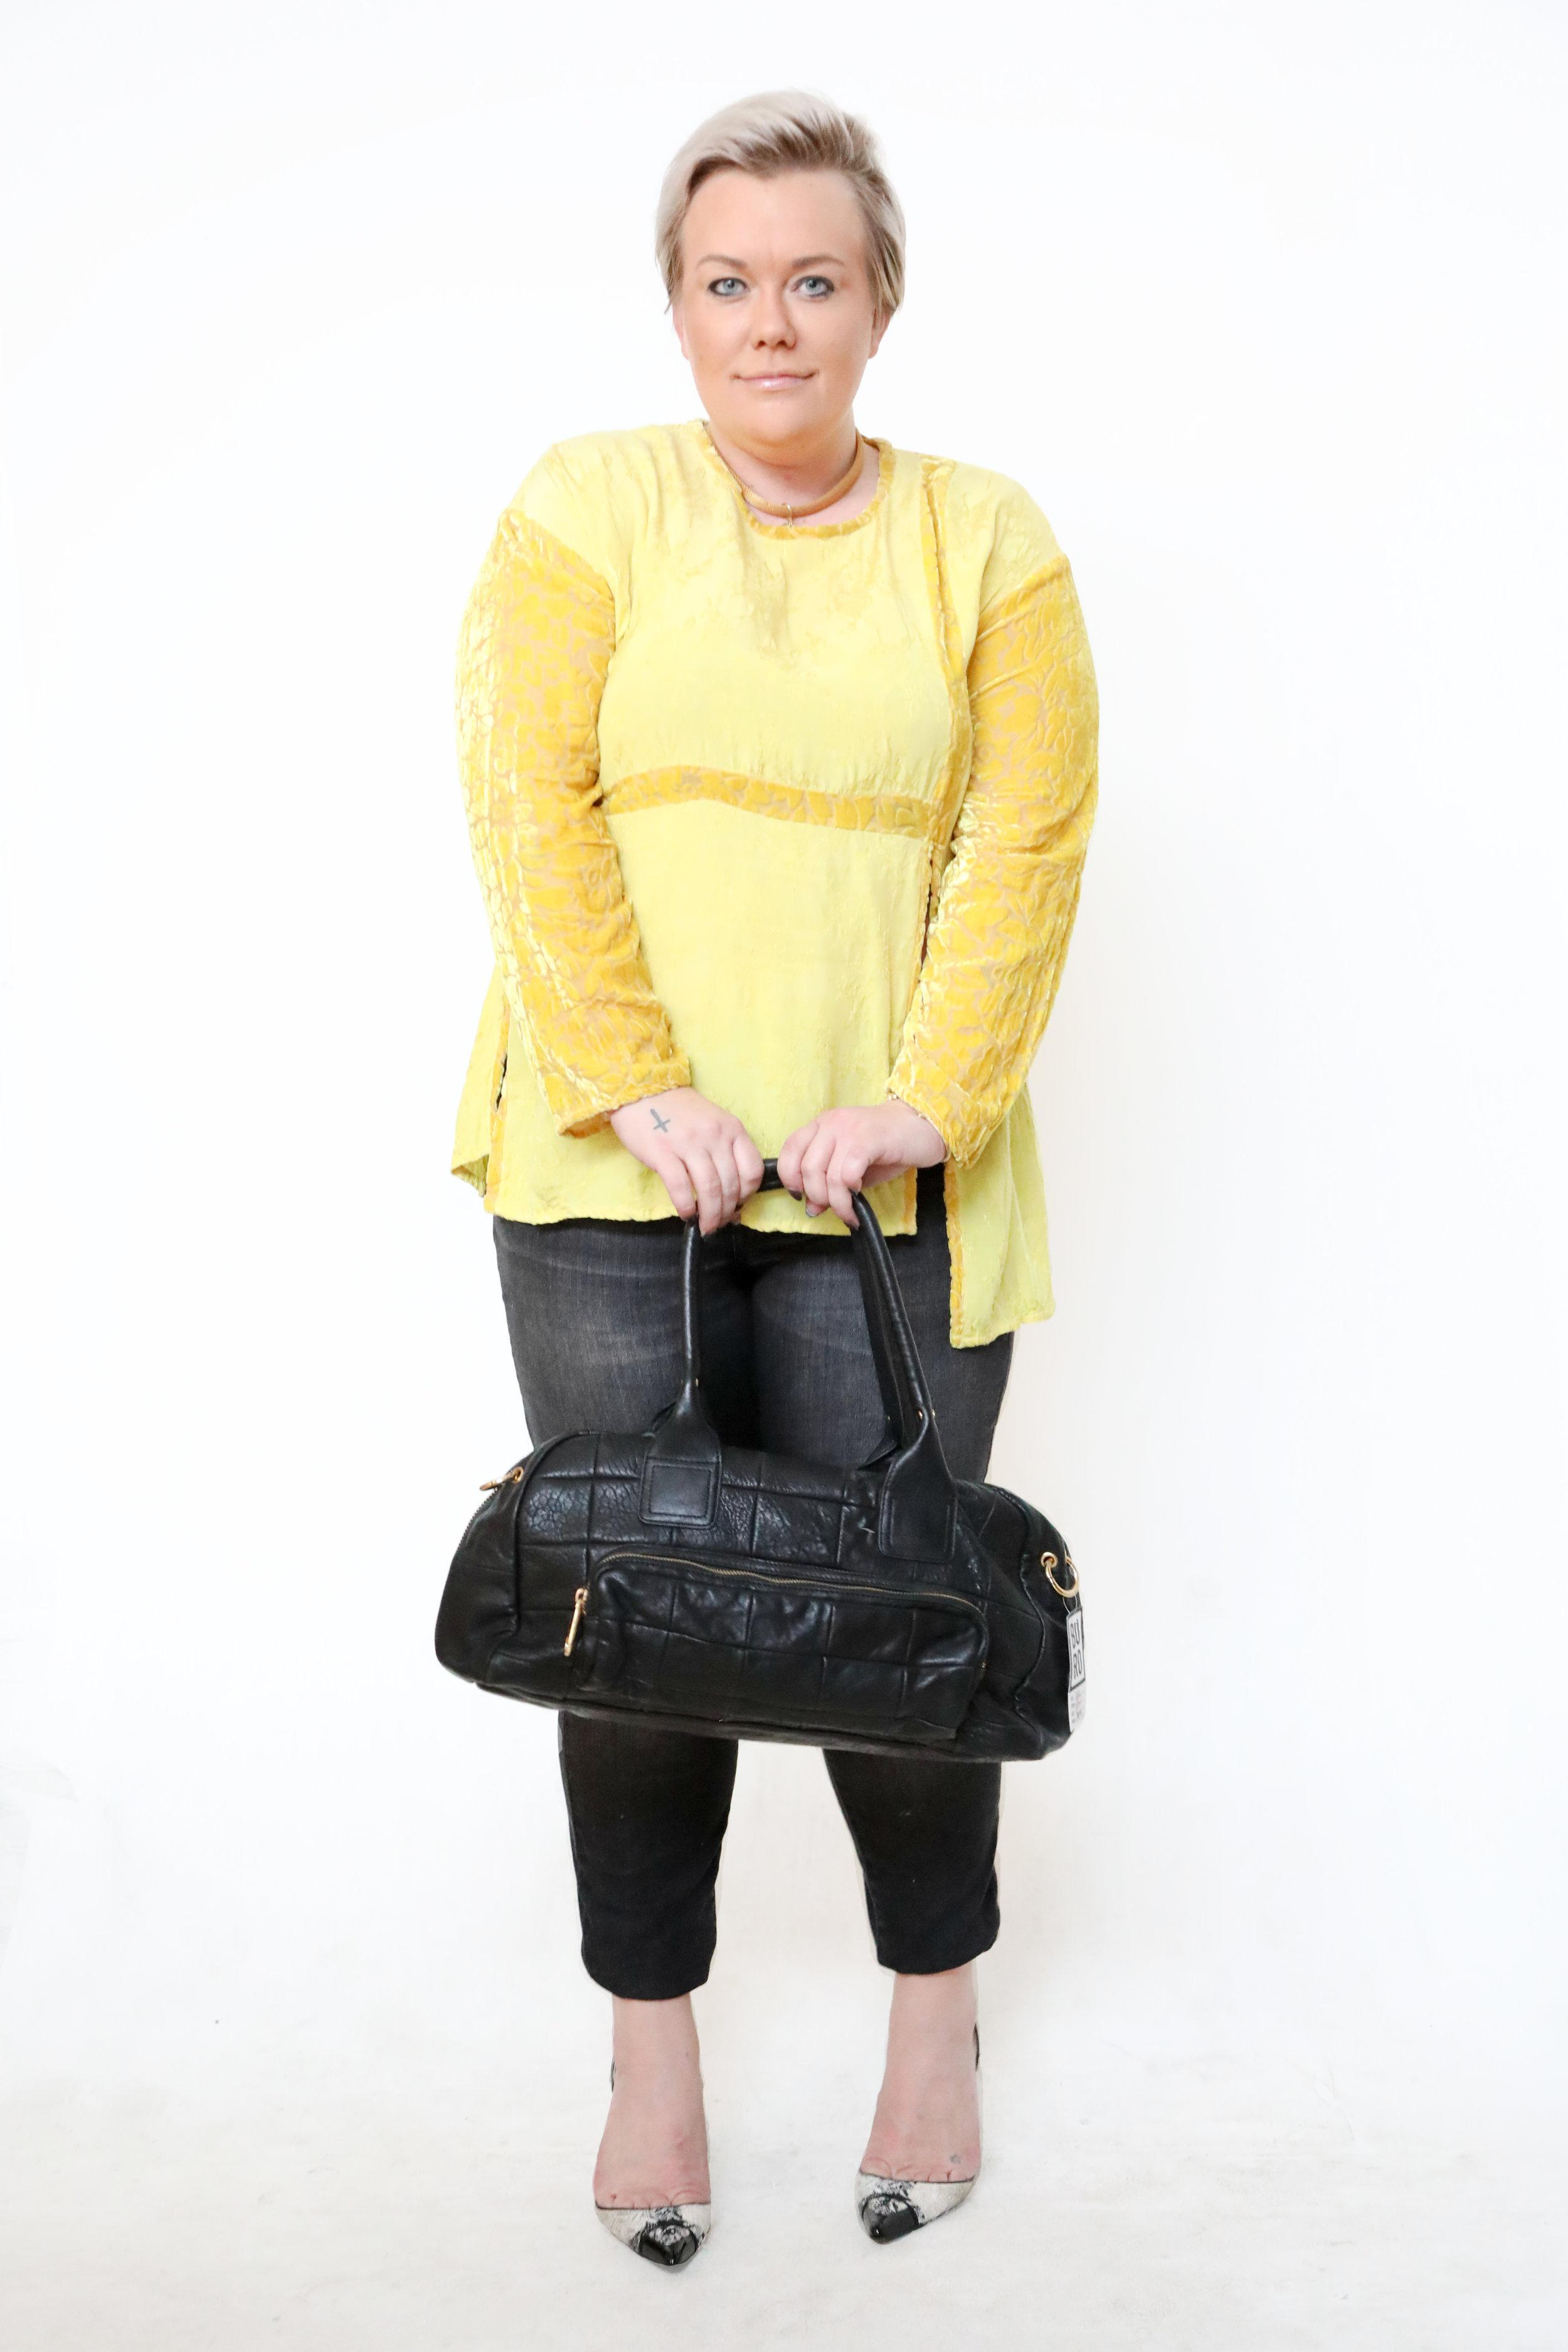 Velvet & silk yellow top from Boro Resale.